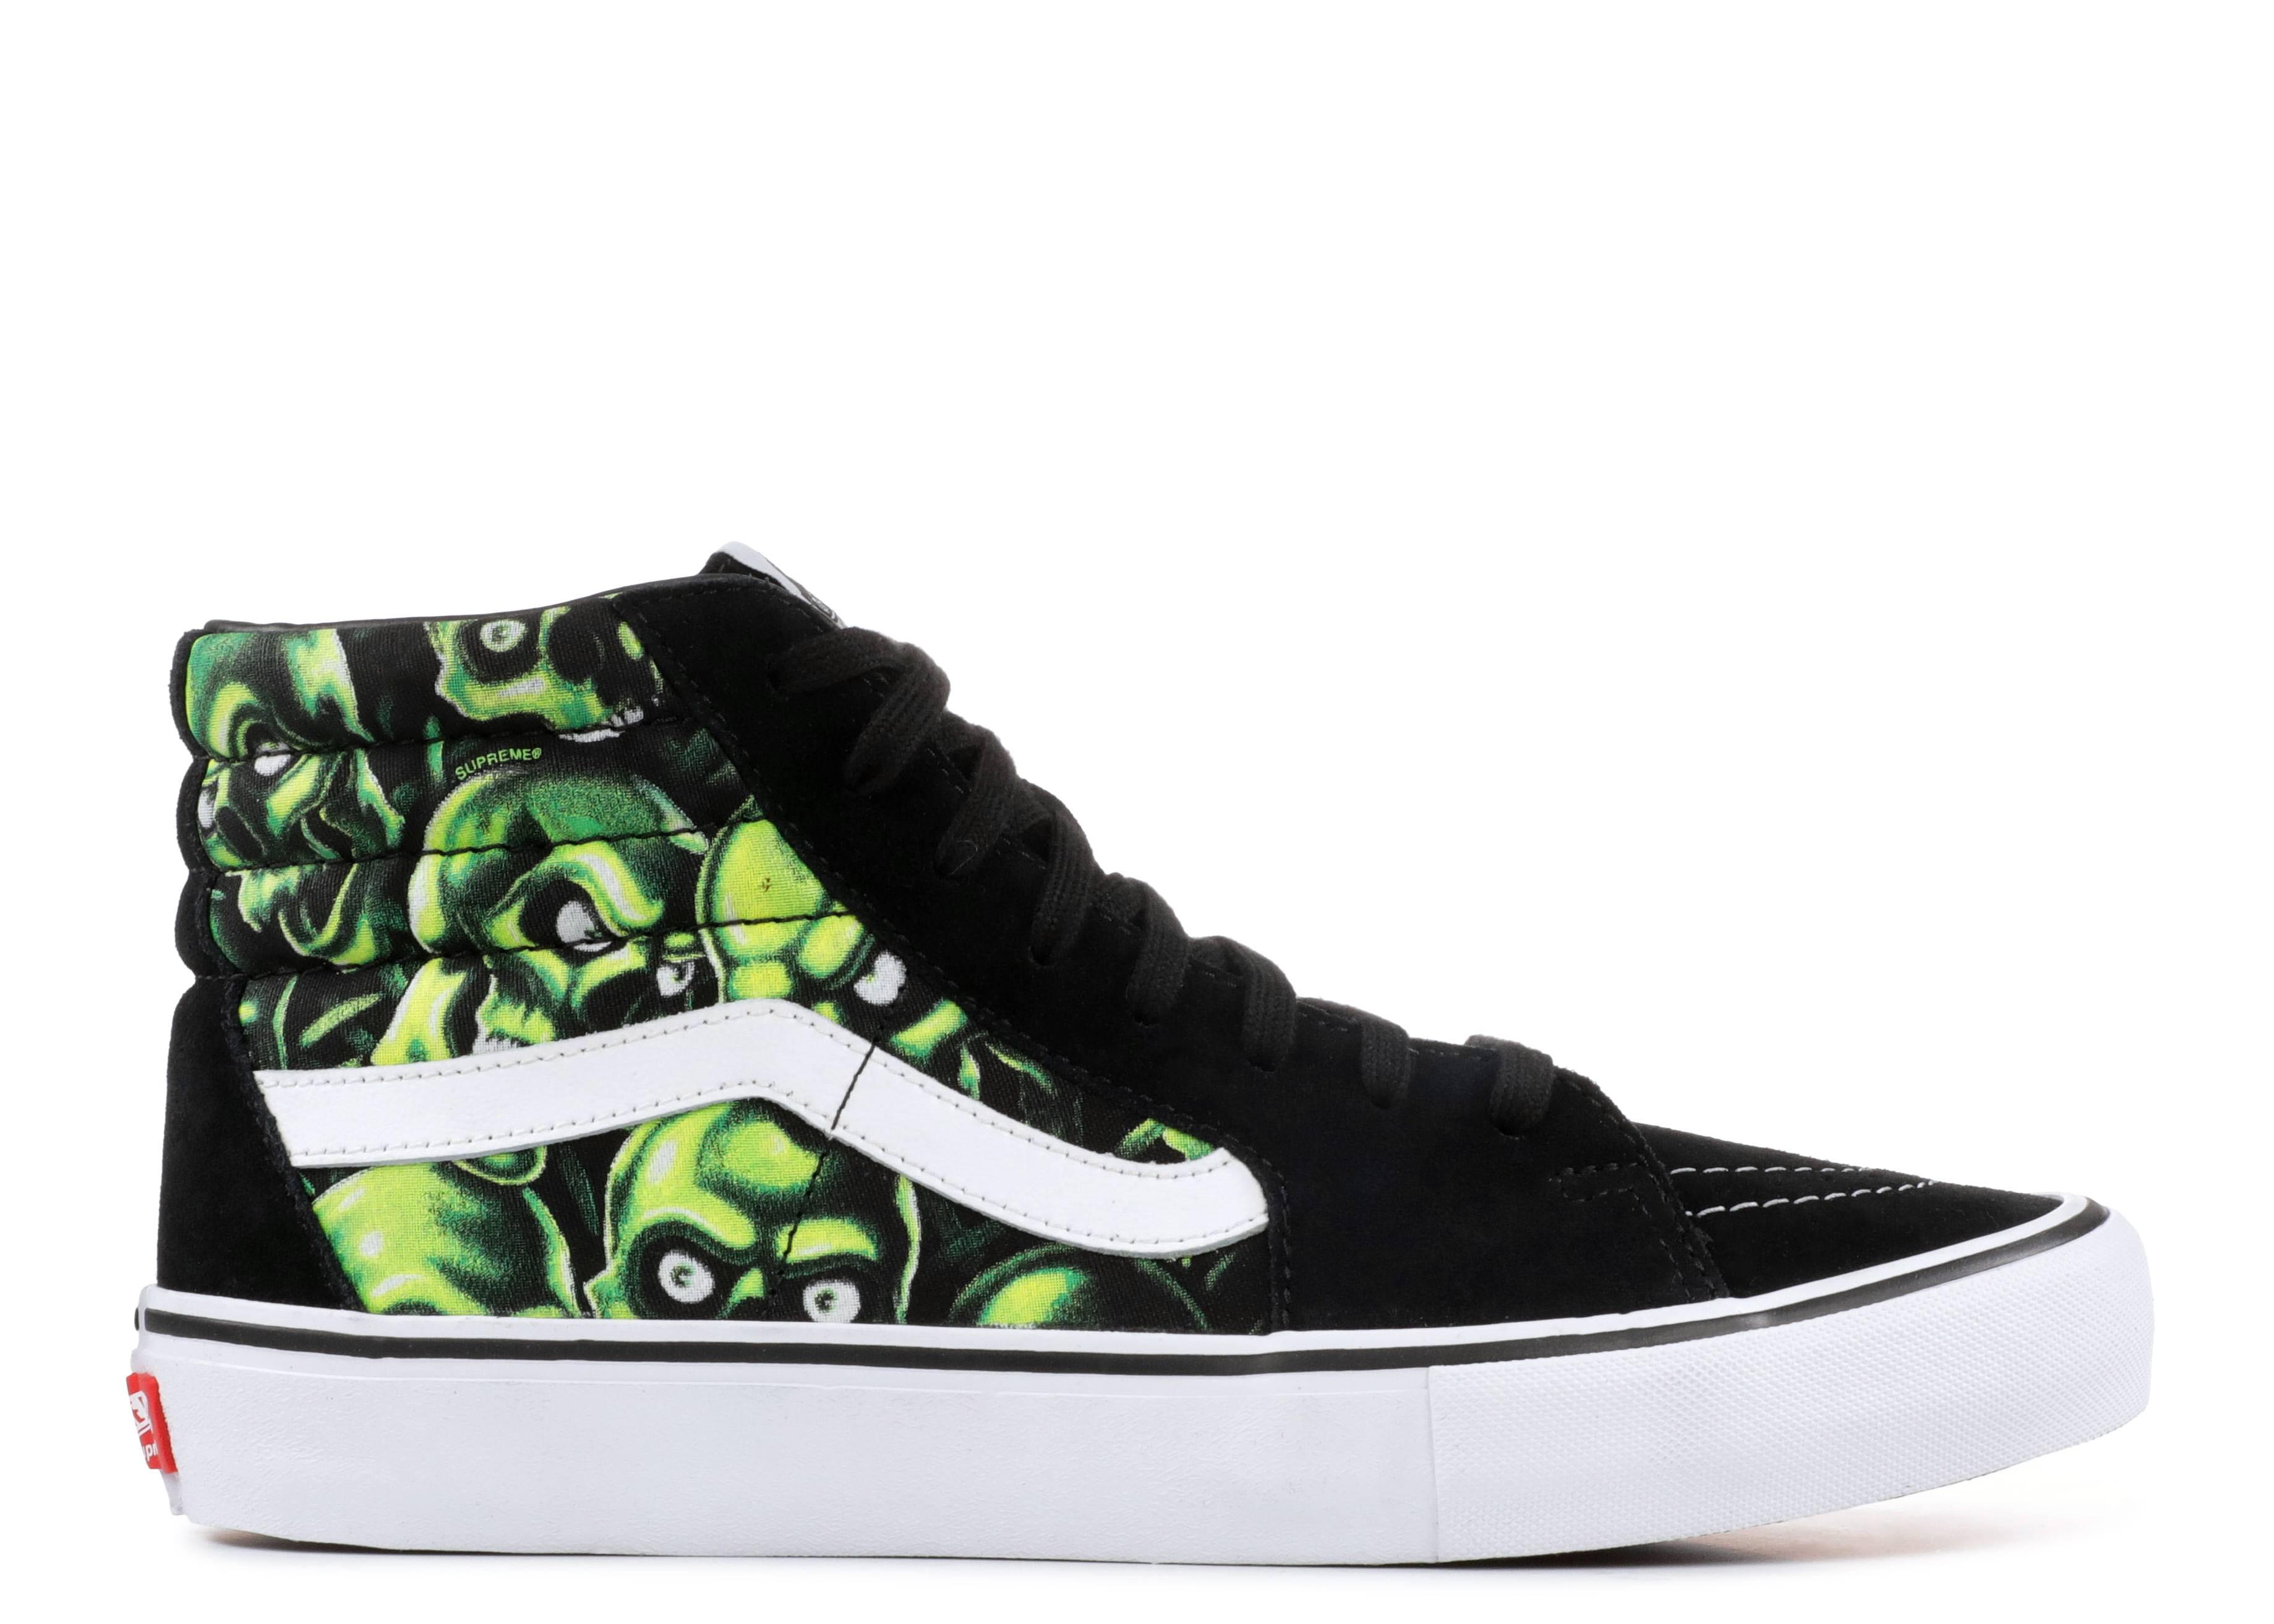 SupremeVans Skull Pile Sk8 Hi Tops • Shoes • Strictlypreme